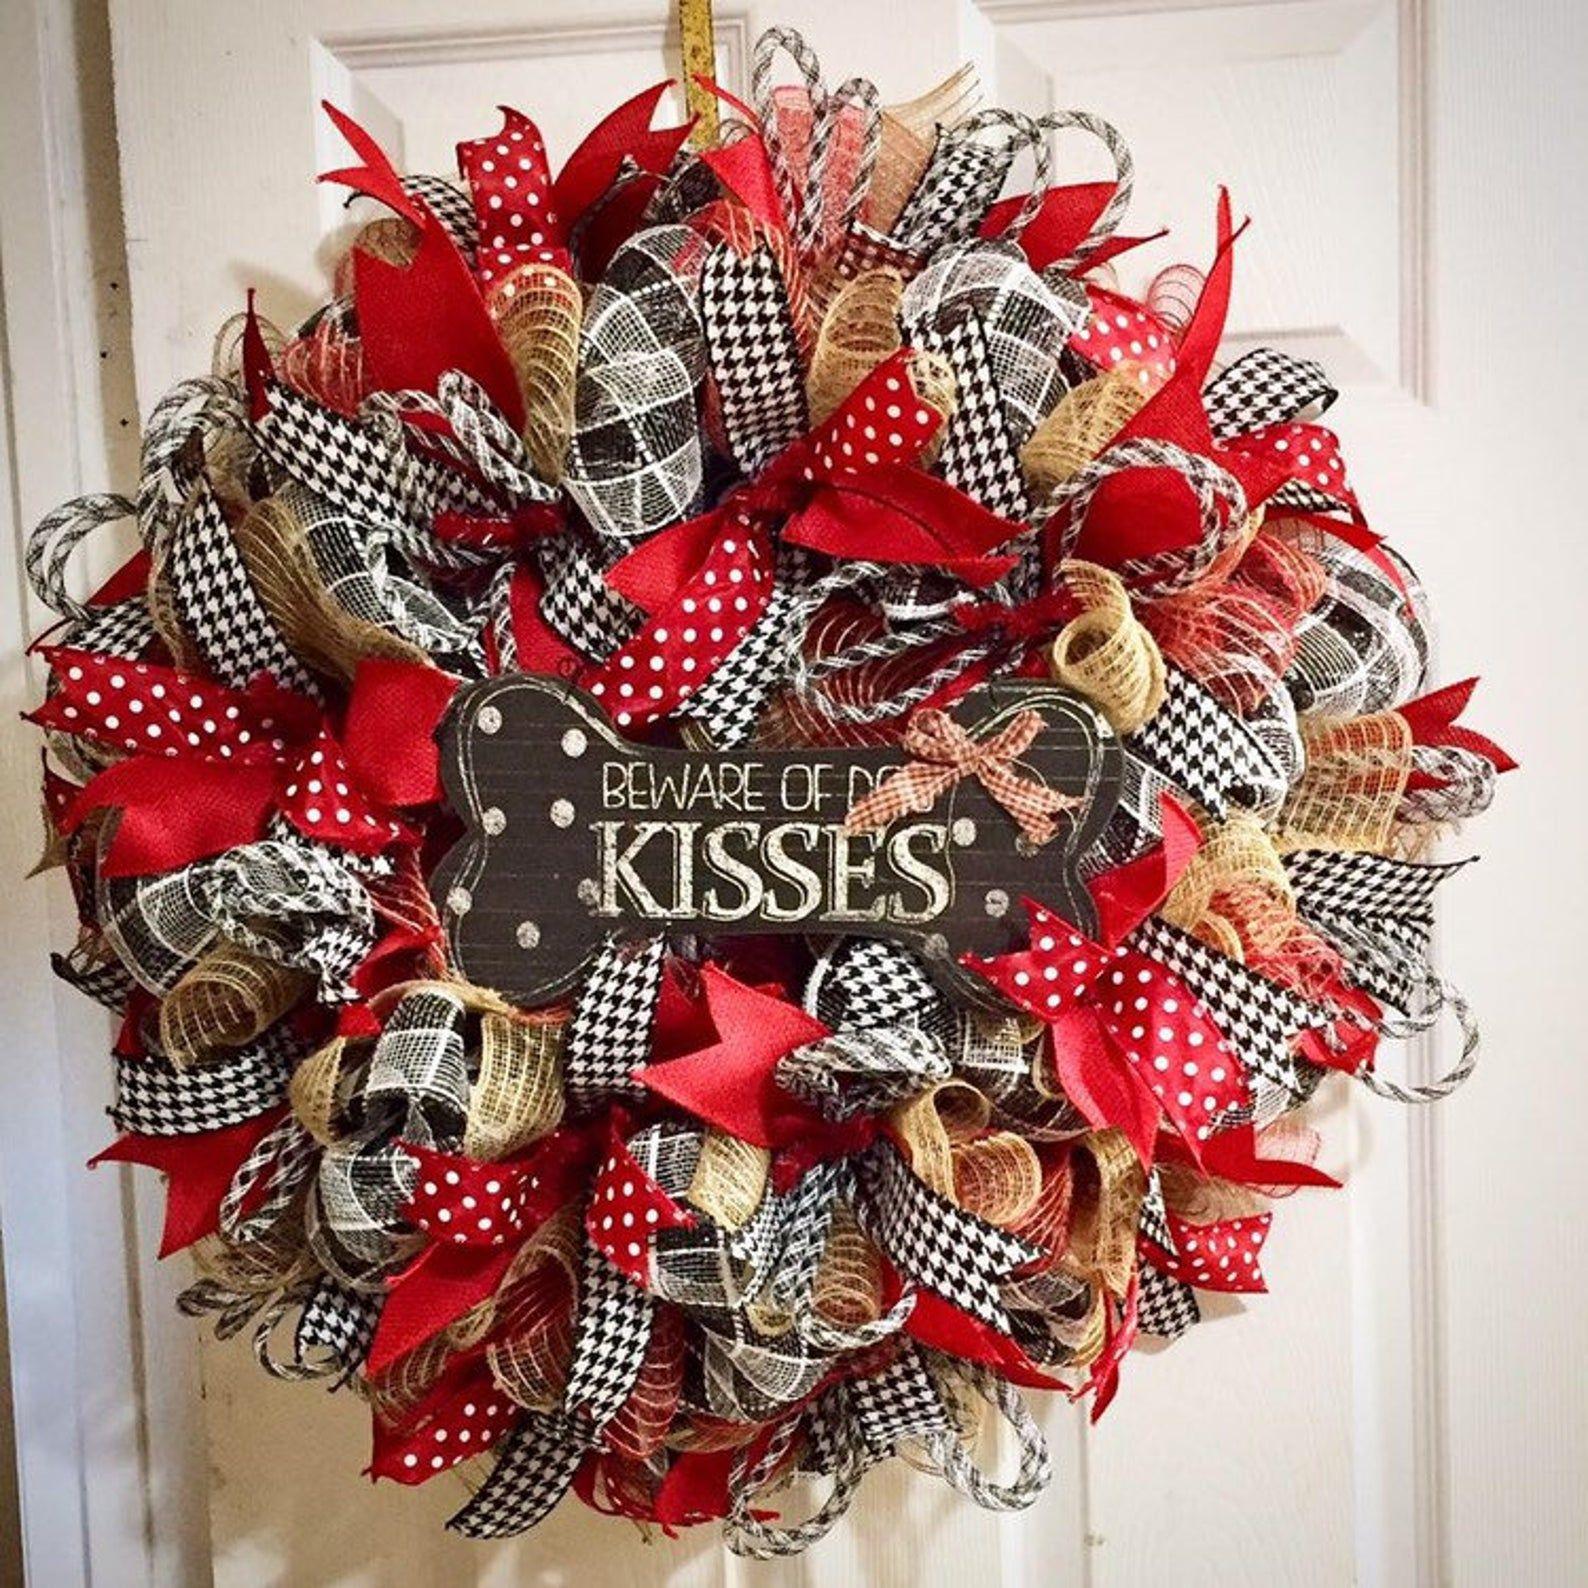 Photo of Burlap Wreath for your front door, Burlap Wreath, Dog Theme Wreath, Deco Mesh wreath for front door, Pet Themed Wreath, Deco Mesh Wreath